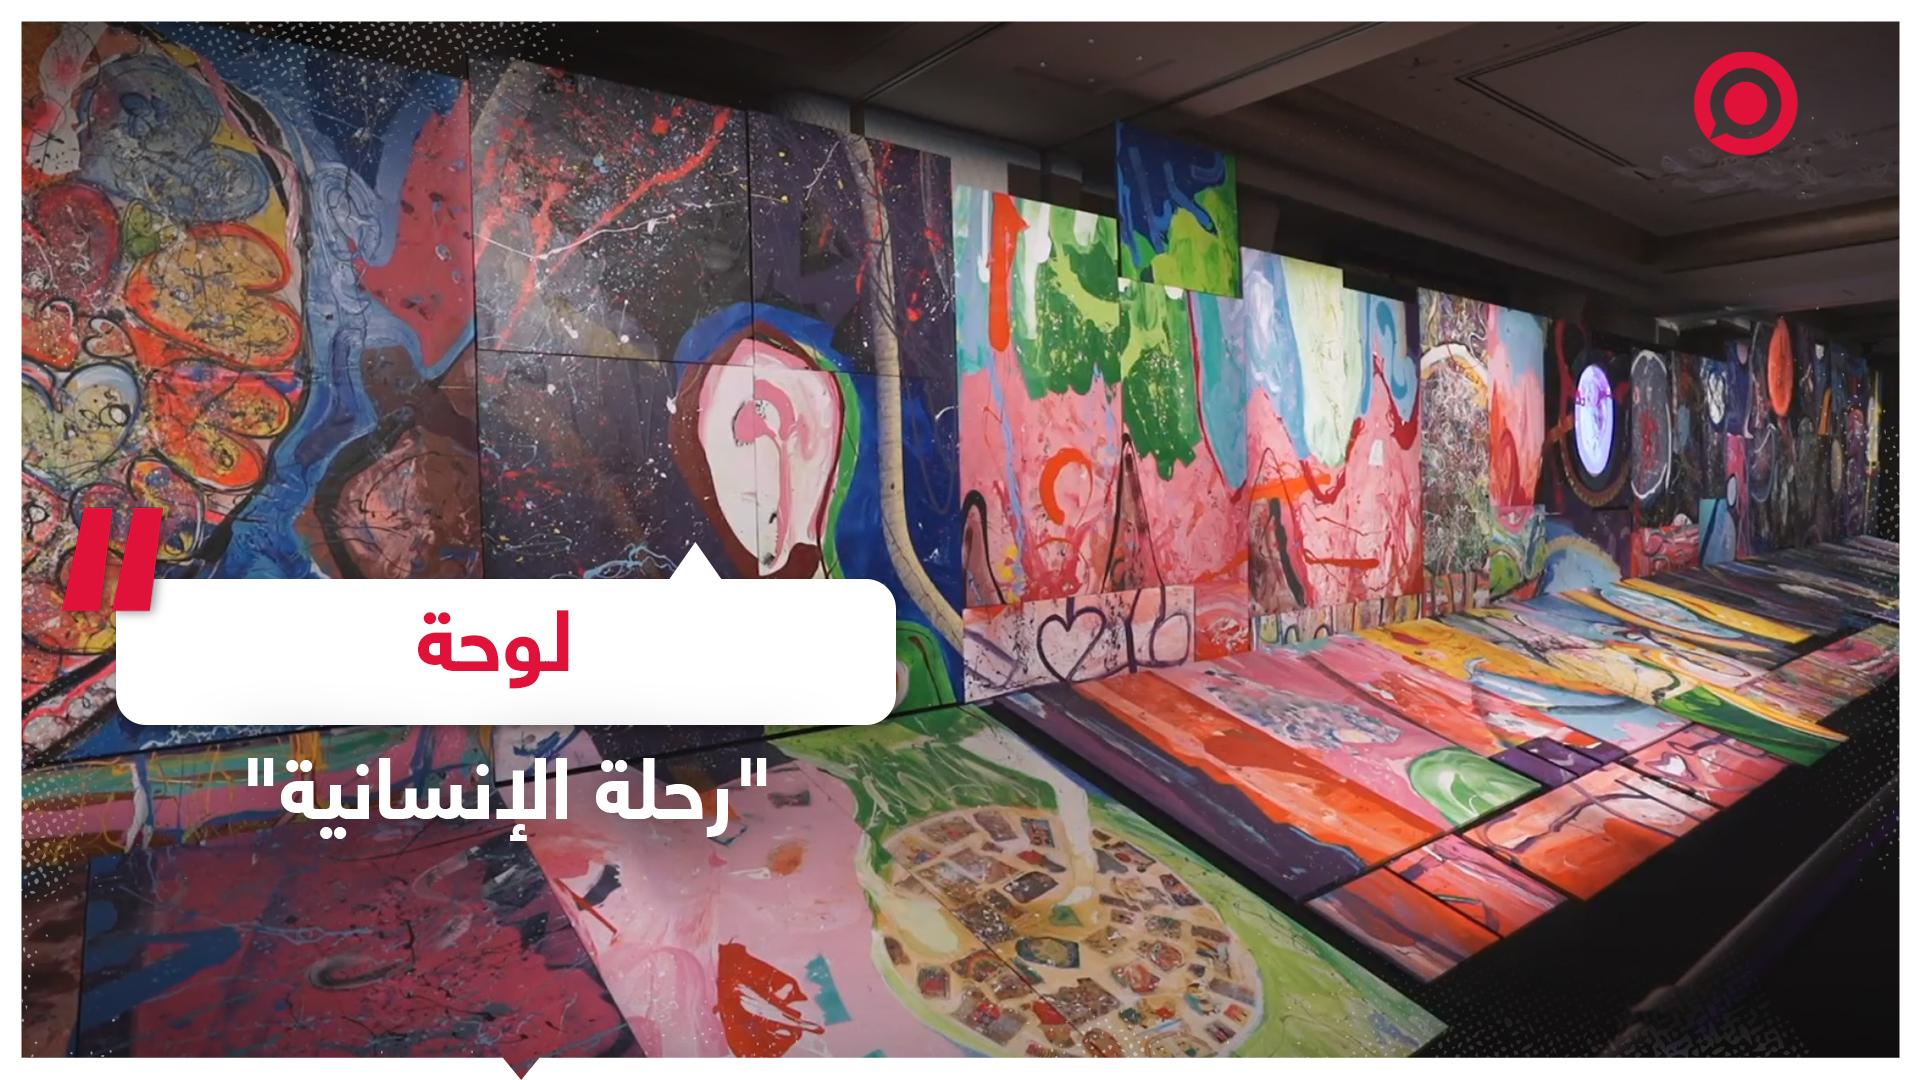 أكبر لوحة فنية في العالم تعرض للبيع في مزاد خيري